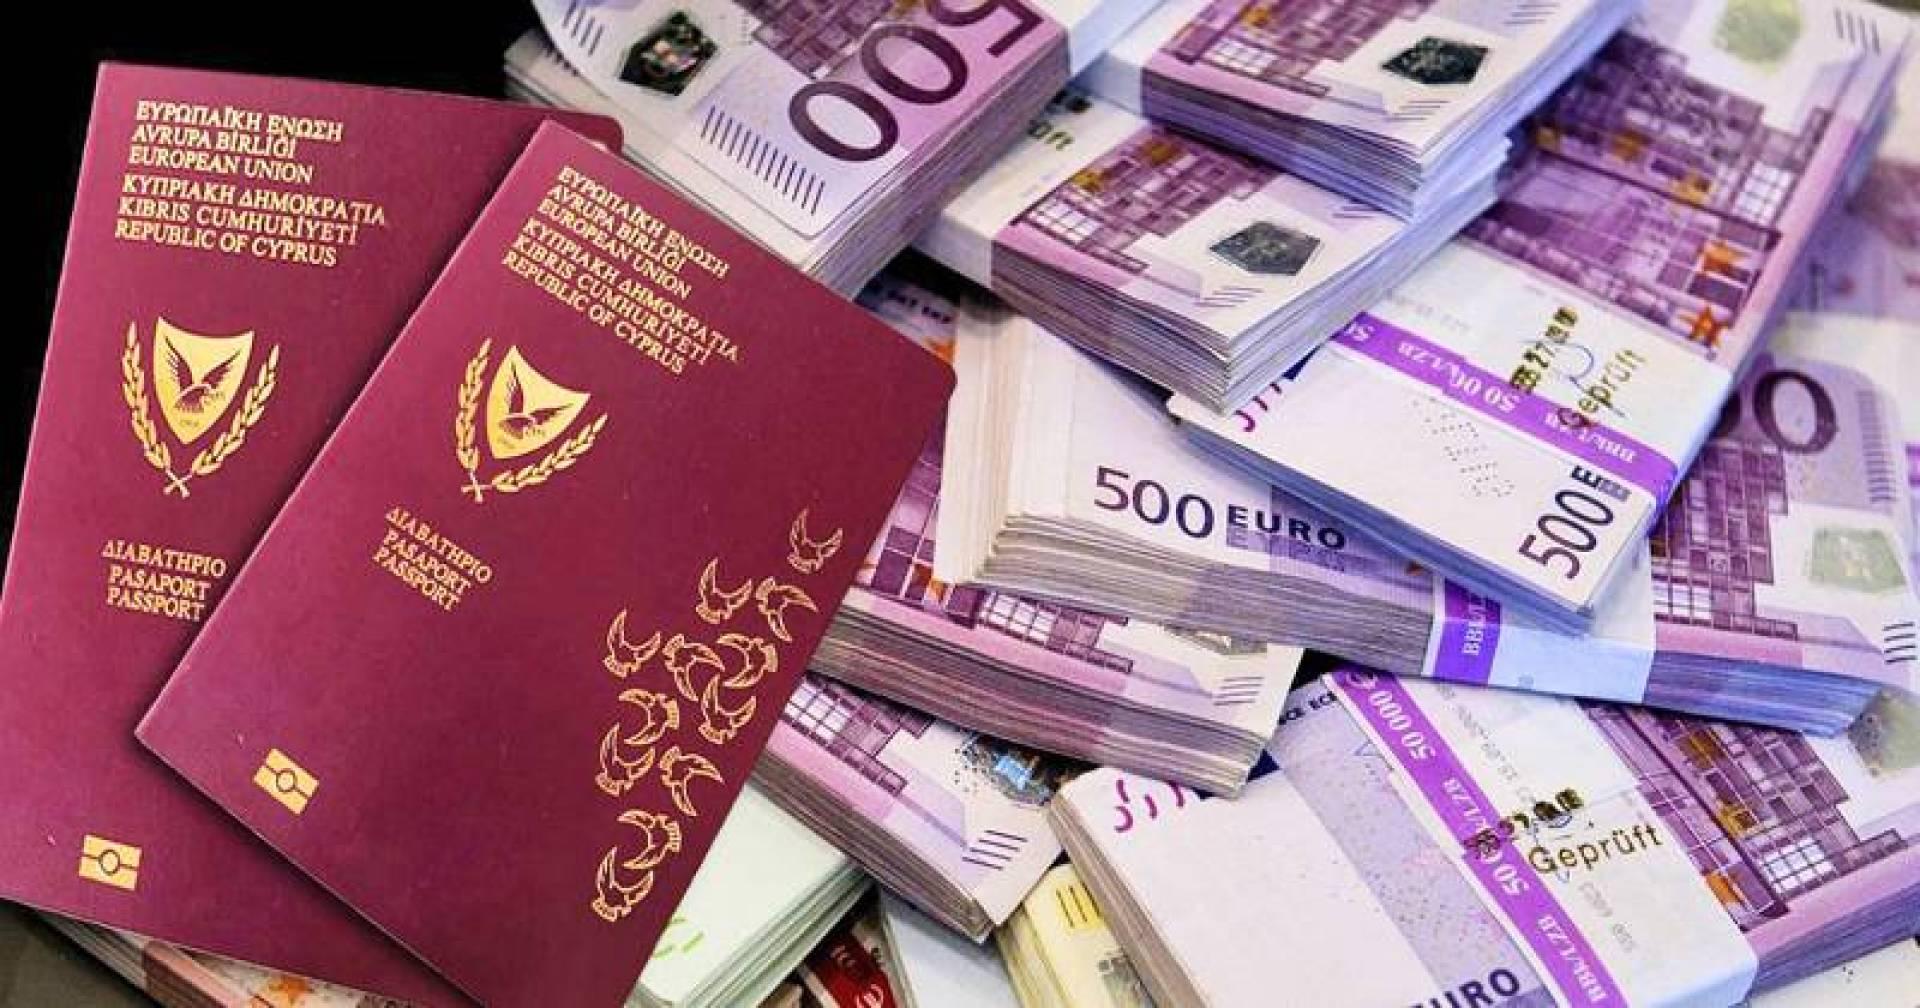 فضيحة الجوازات الذهبية تهزّ قبرص